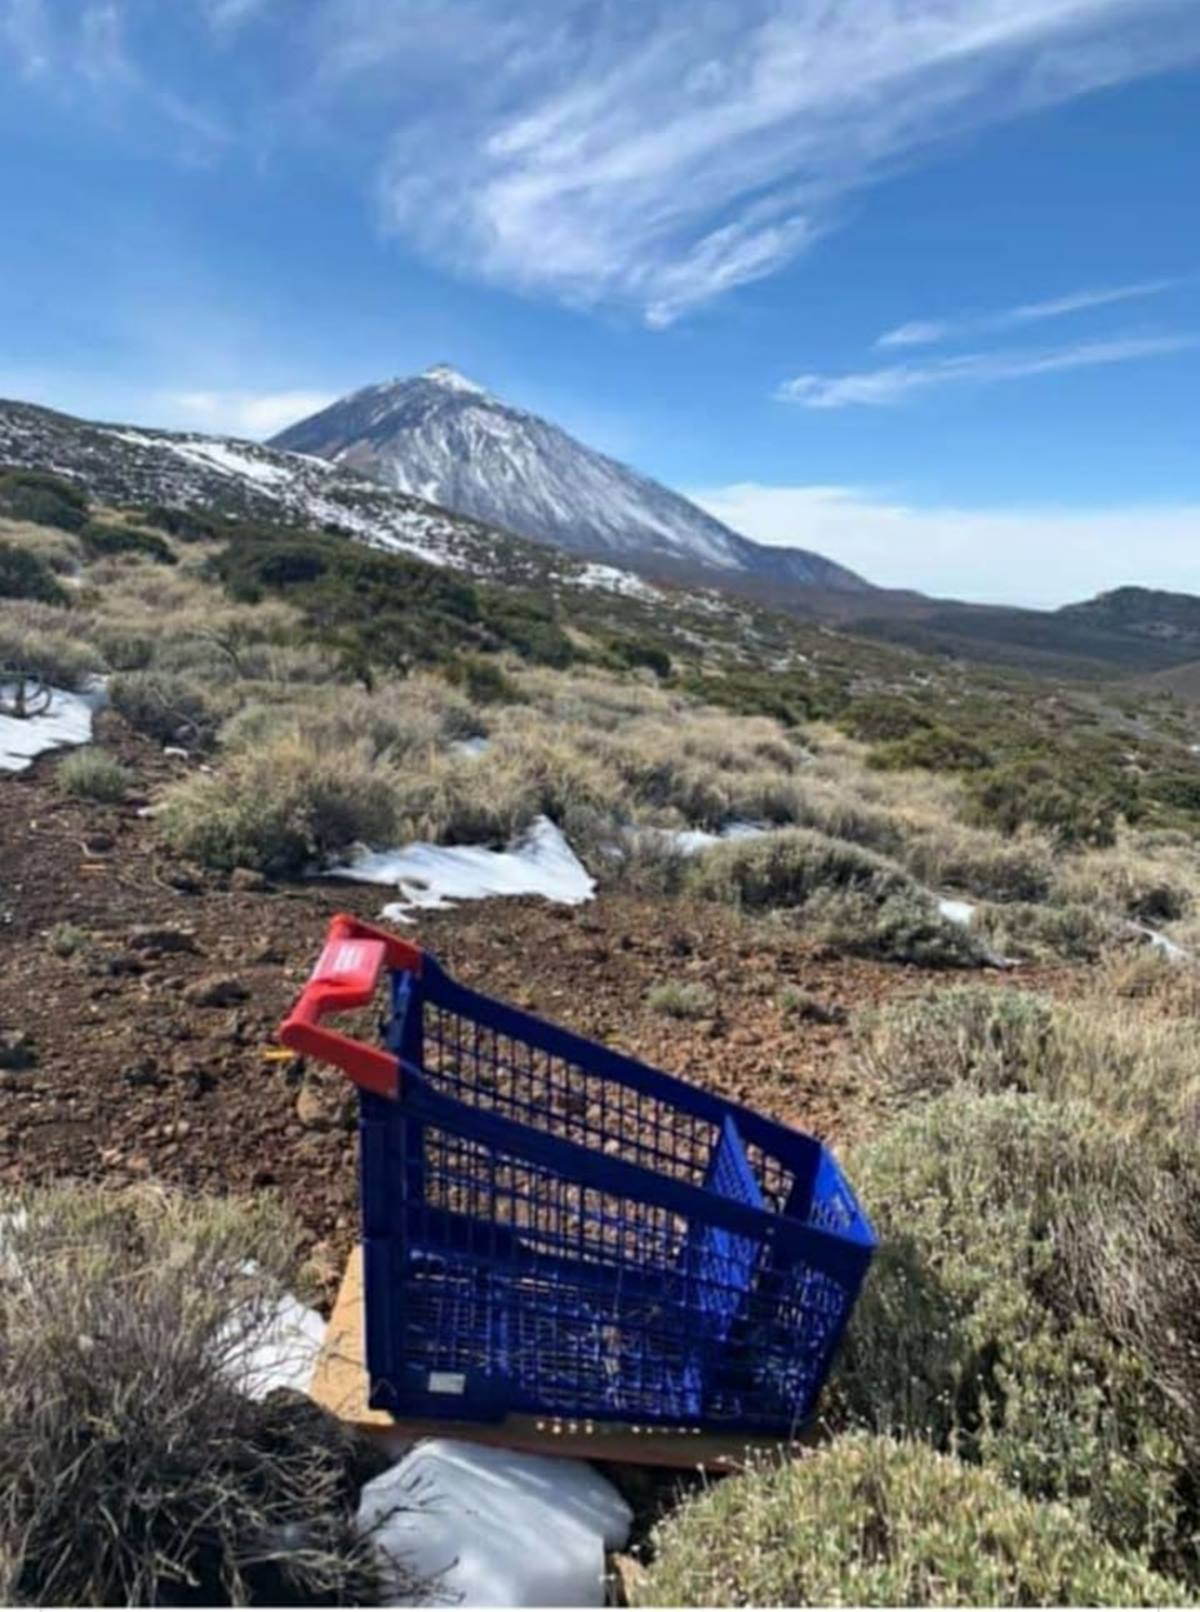 Carro de la compra en el Parque Nacional del Teide. Isaac Rojas-Telesforo Bravo (Facebook)